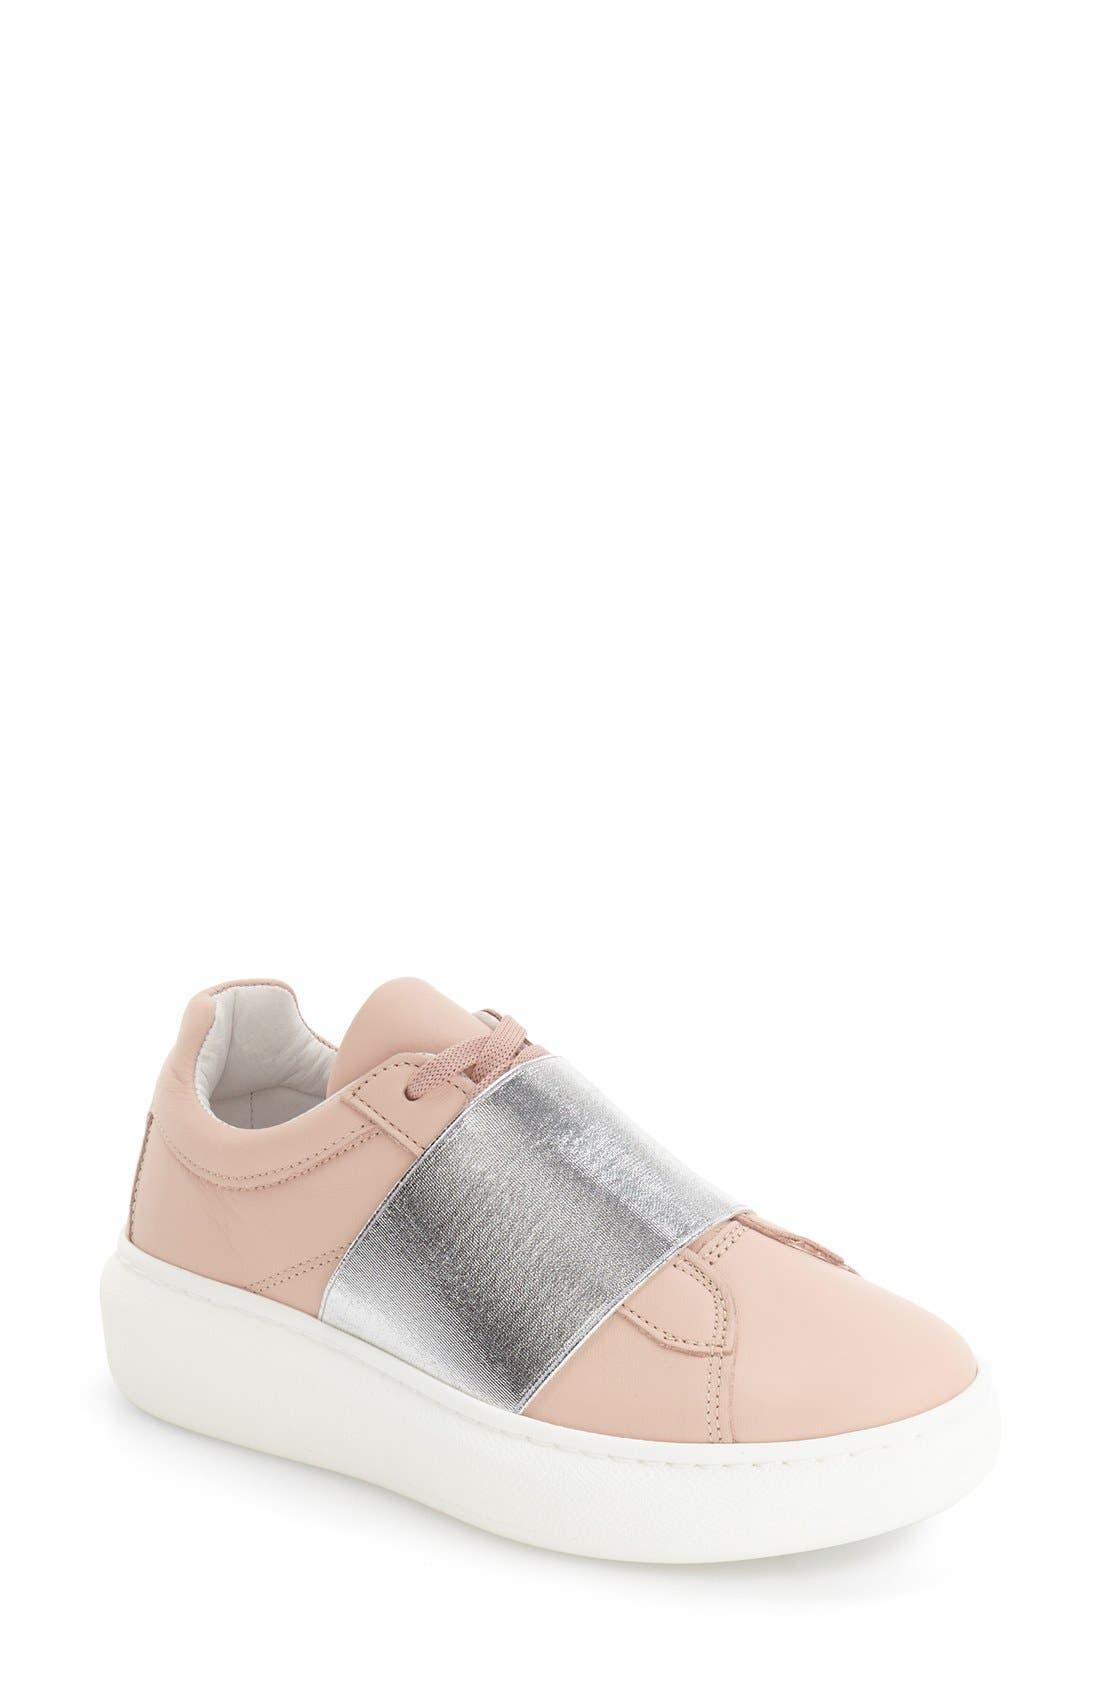 Main Image - Topshop Turin Metallic Strap Platform Sneaker (Women)